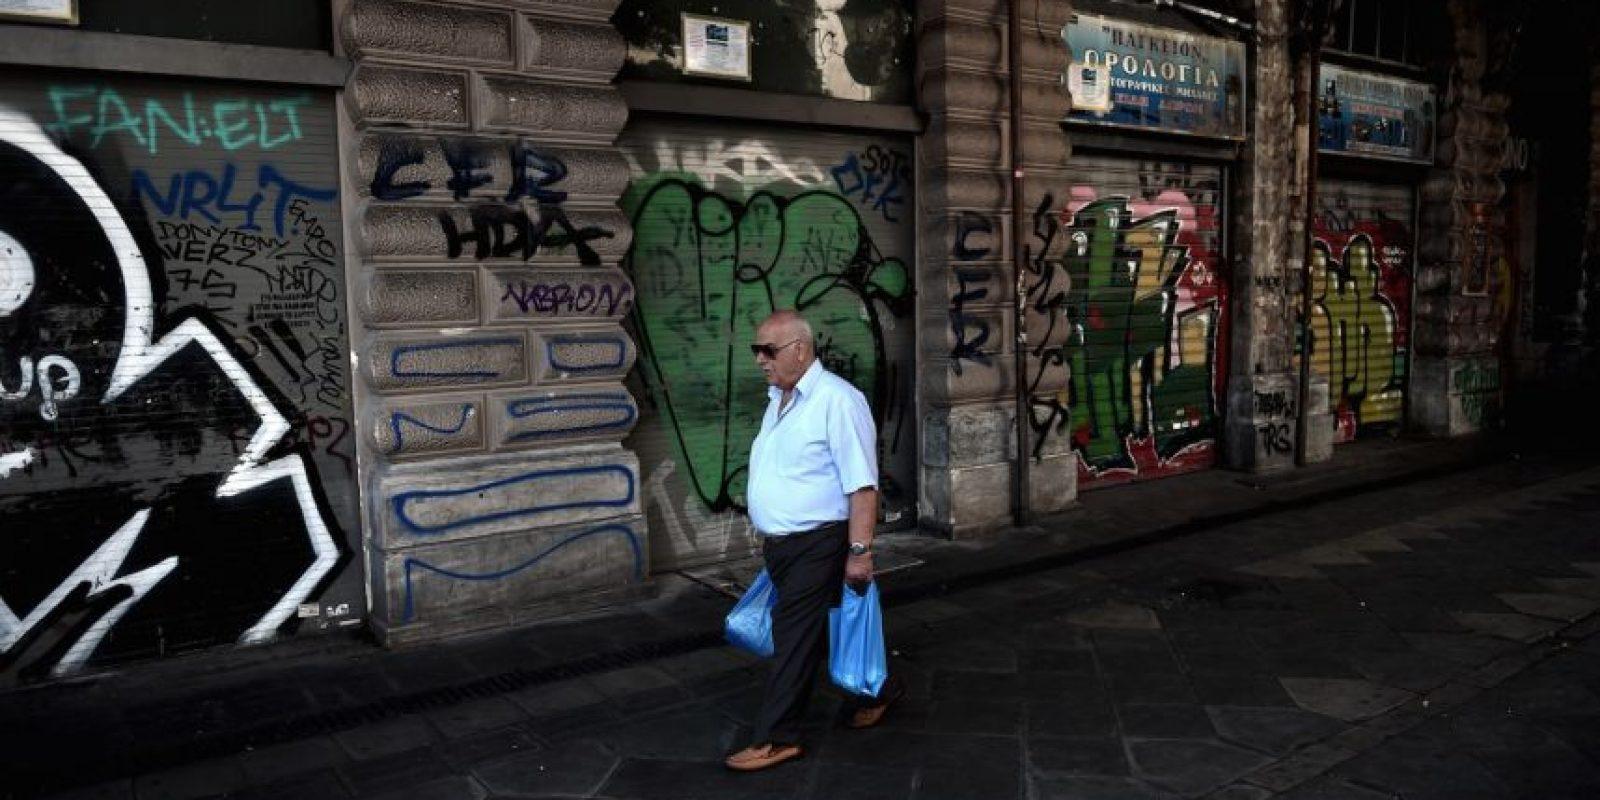 Este lunes se anunció un acuerdo entre Grecia y el Eurogrupo para negociar un tercer rescate financiero. Foto:Getty Images